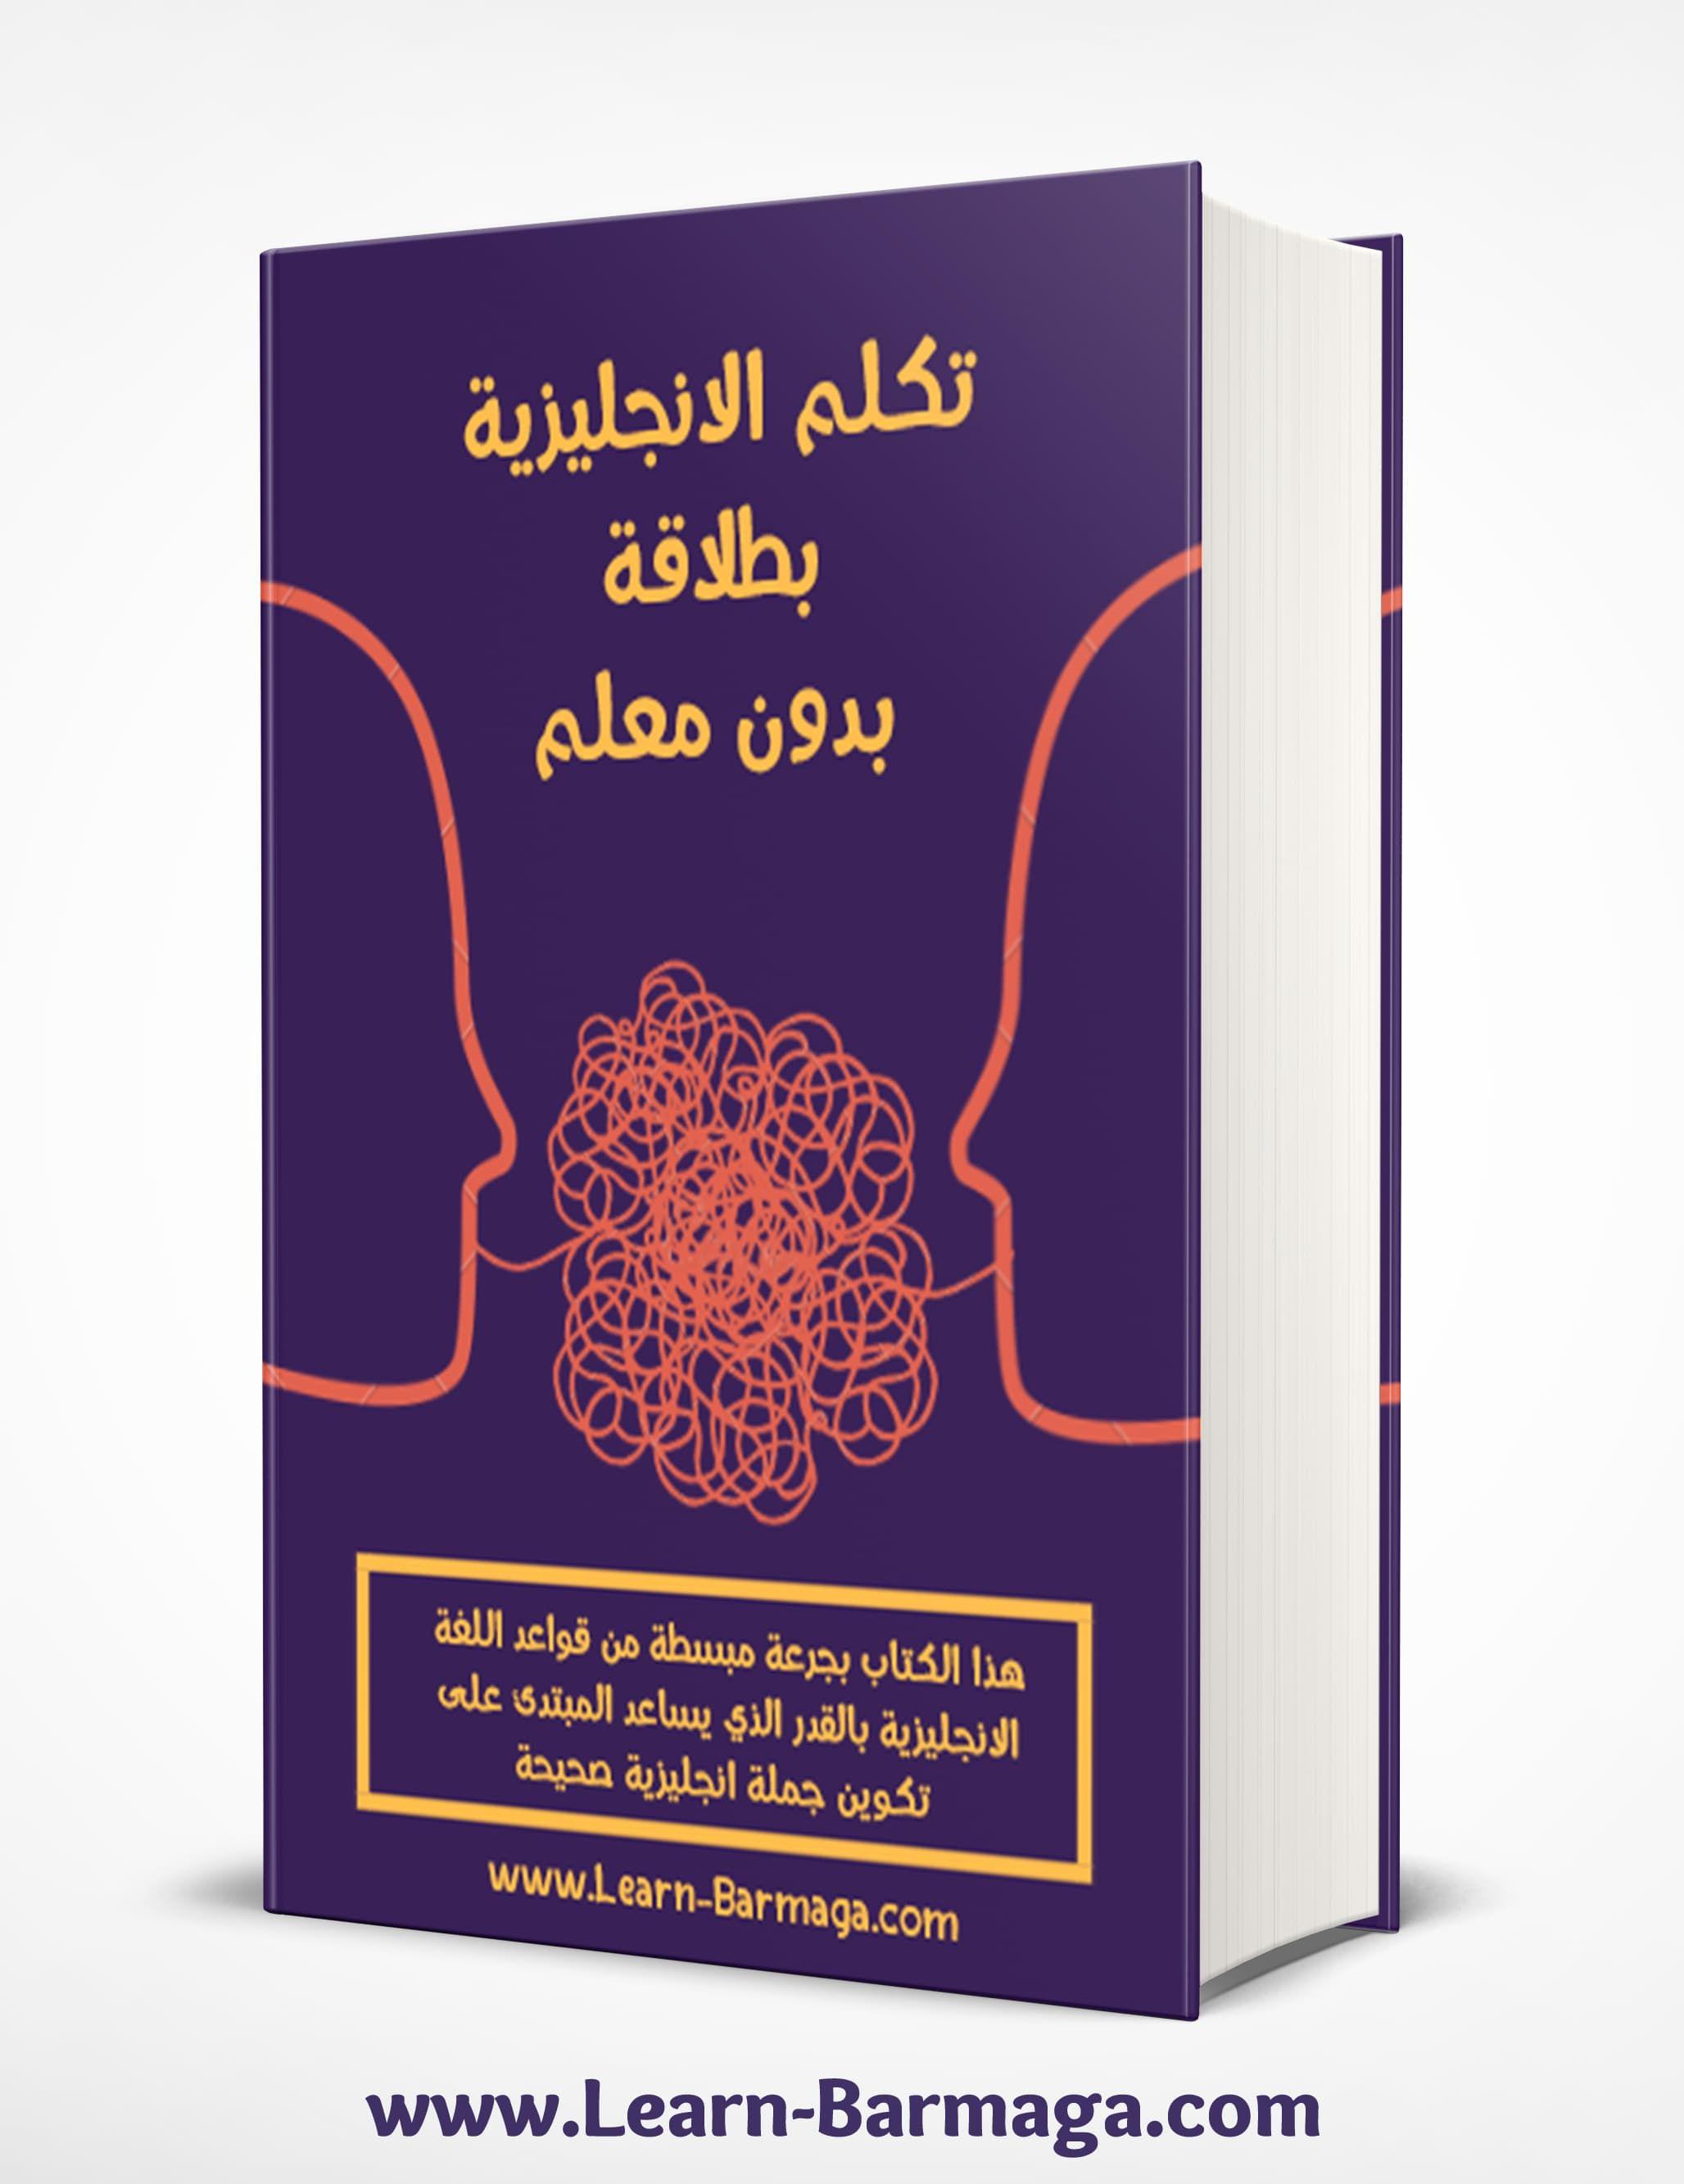 تحميل كتاب تكلم الانجليزية بطلاقة بدون معلم Books Book Cover Cover